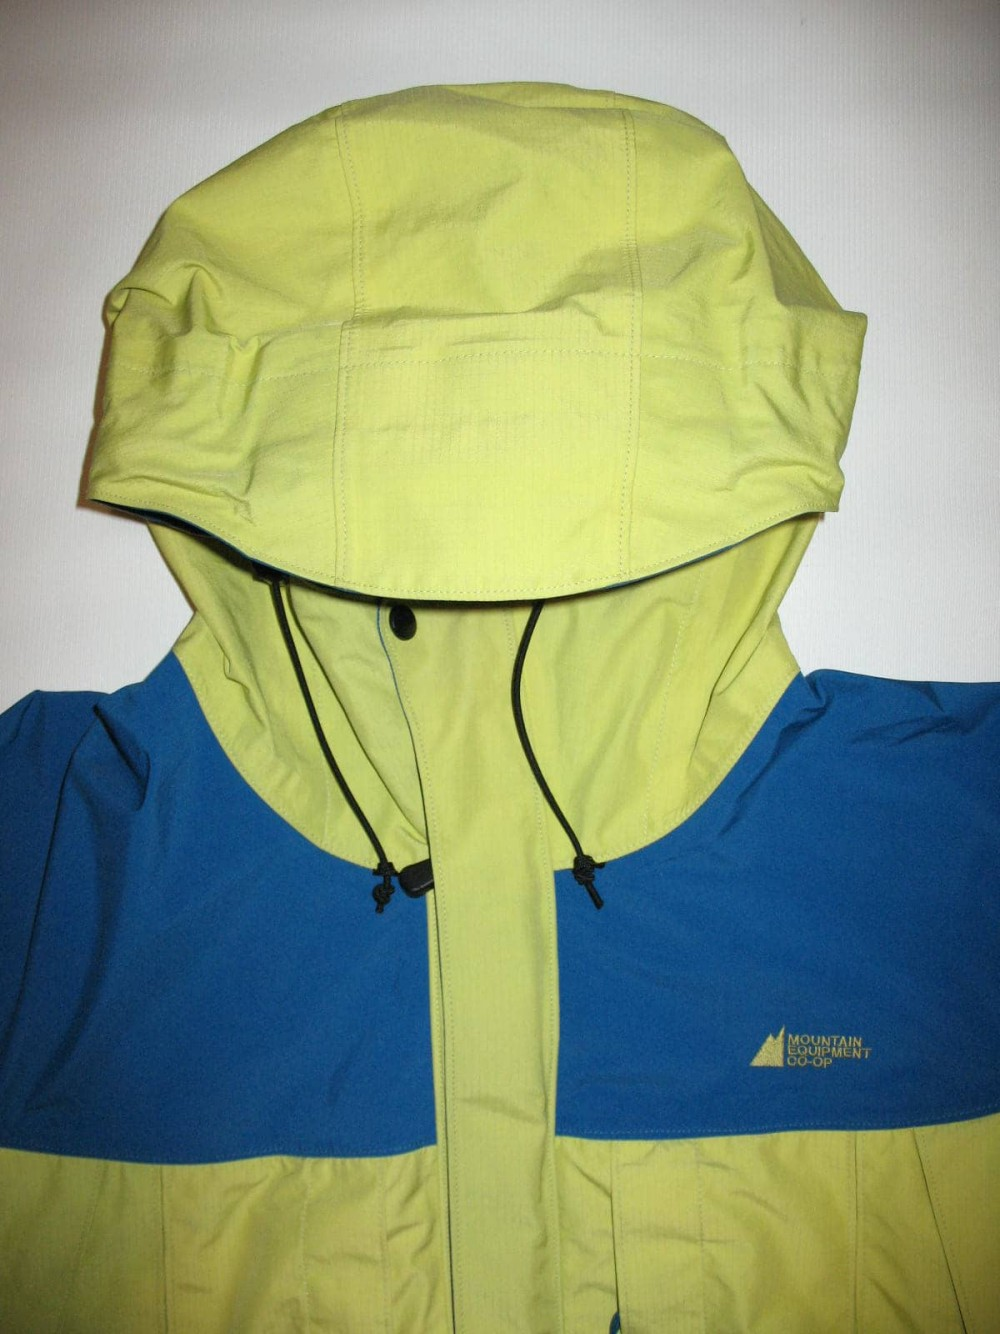 Куртка MOUNTAIN EQUIPMENT gtx outdoor jacket (размер XL/XXL) - 3